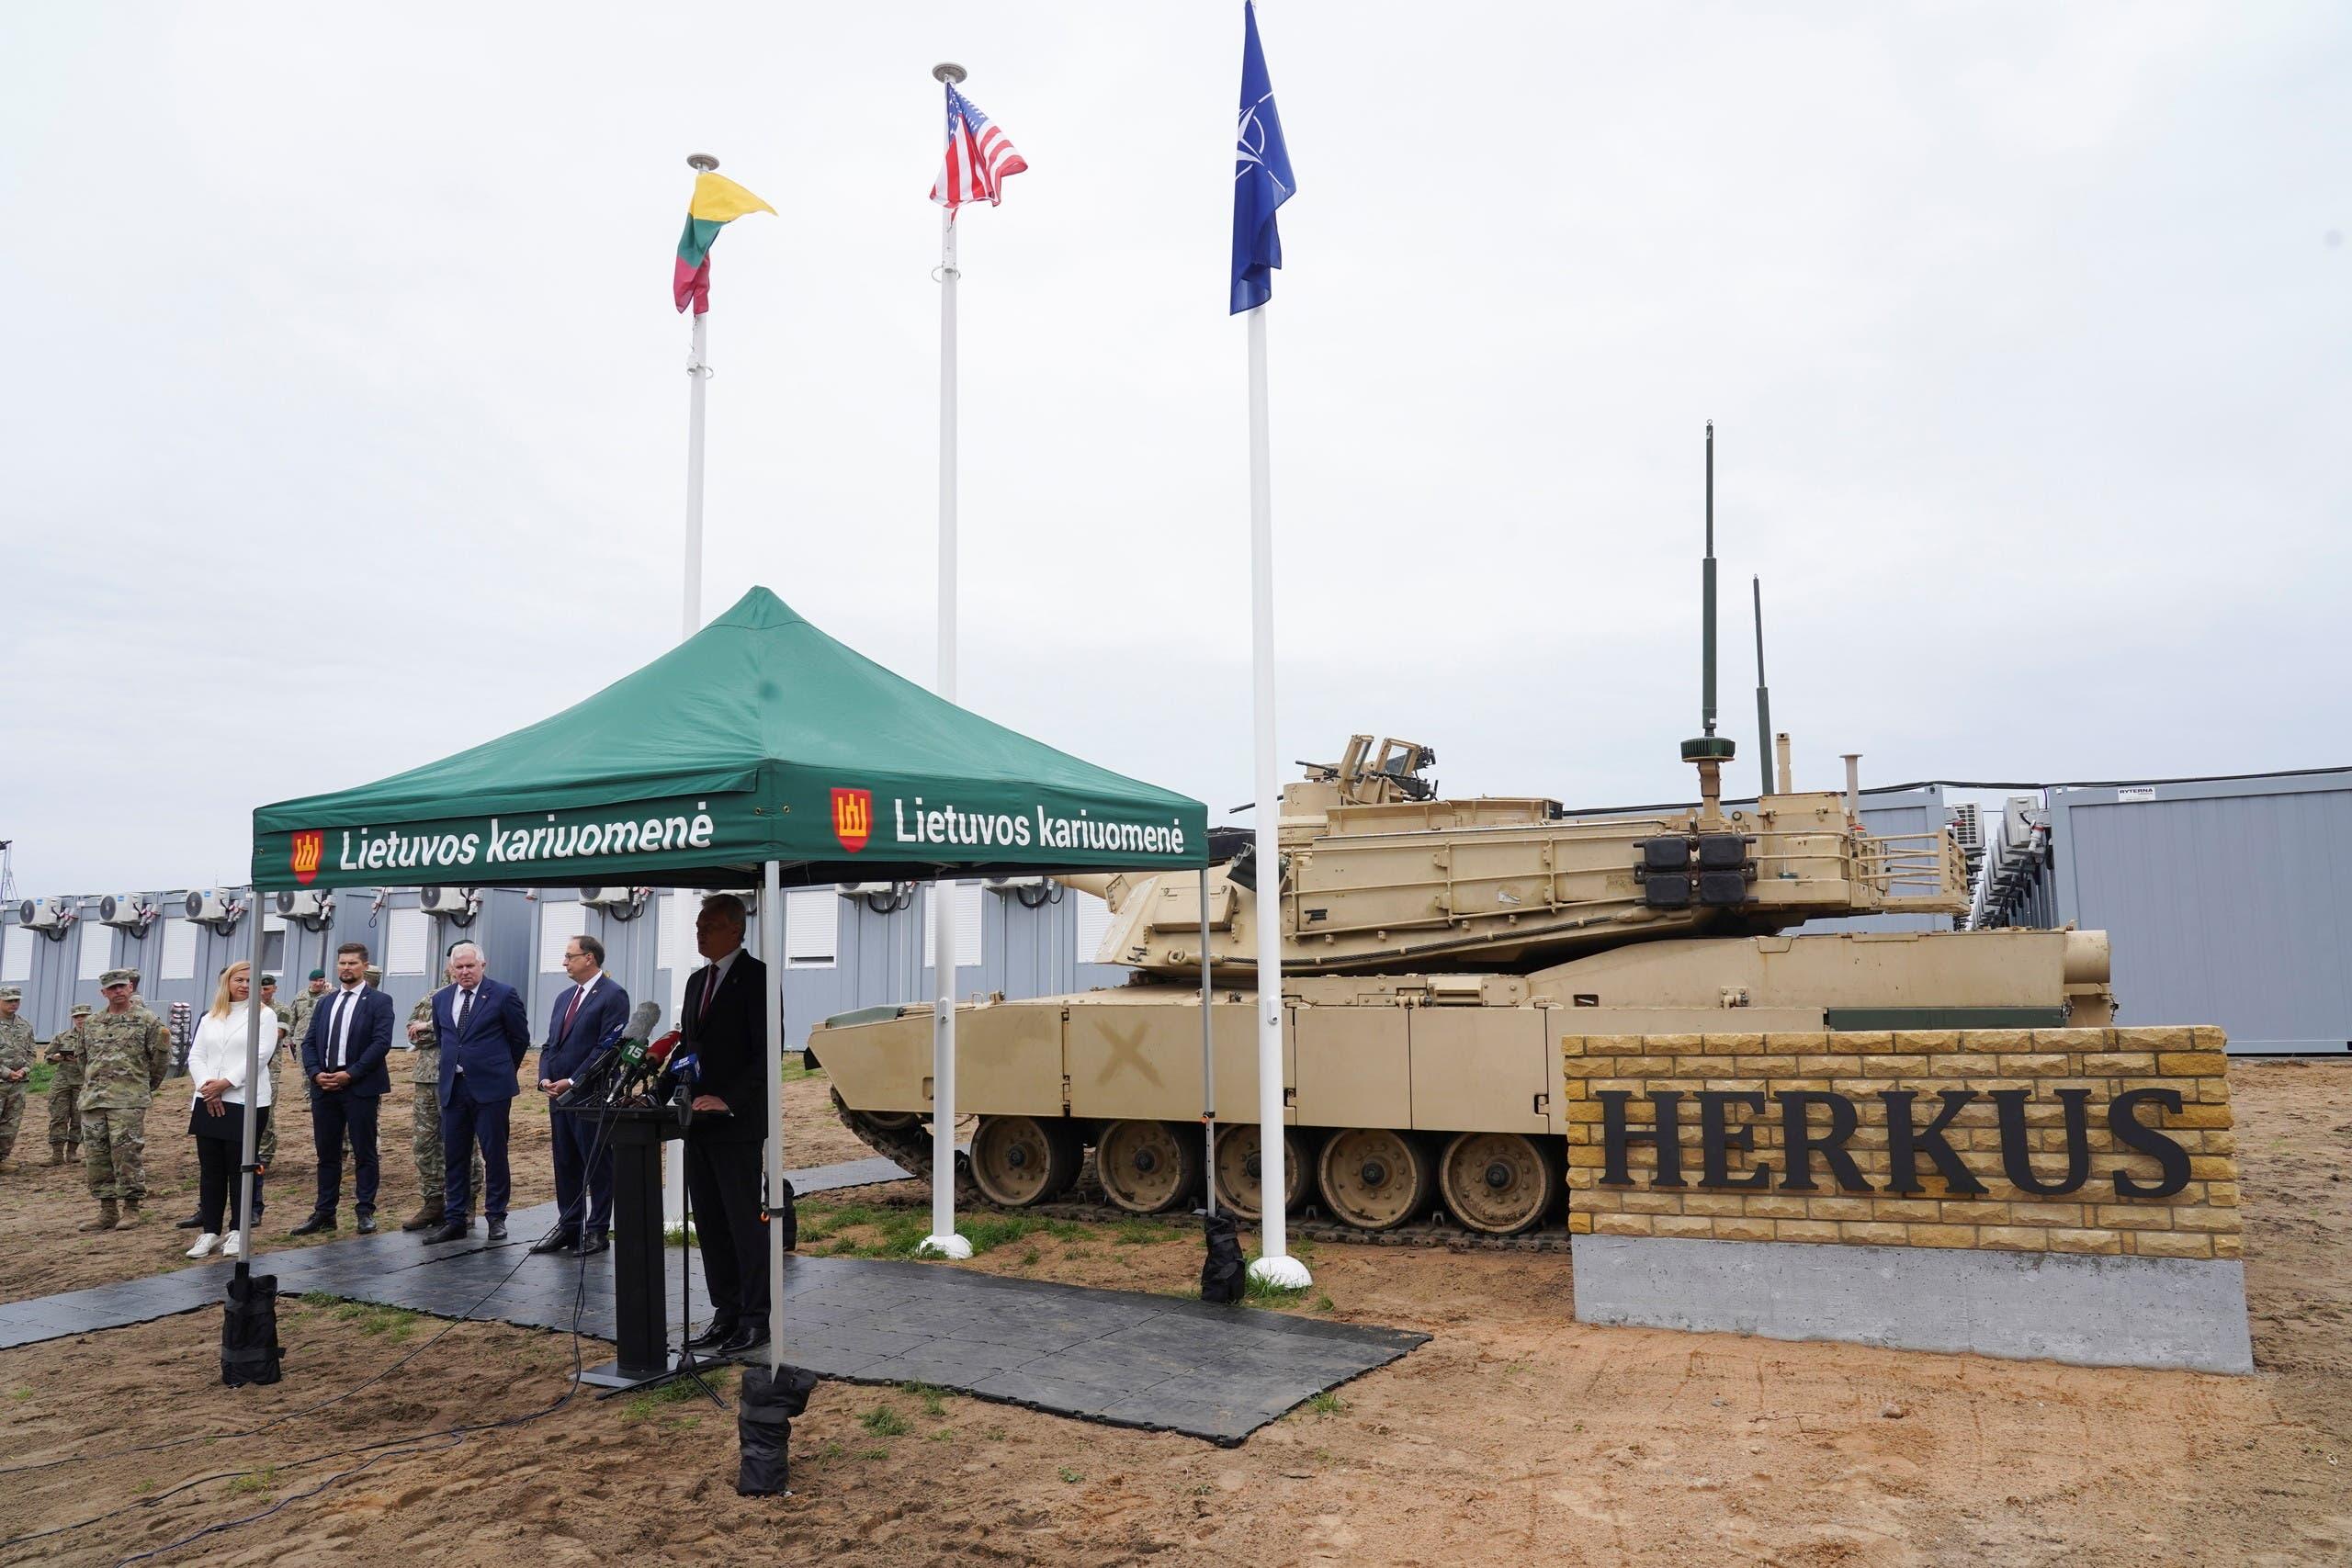 افتتاح قاعدة عسكرية جديدة في ليتوانيا في أغسطس الماضي